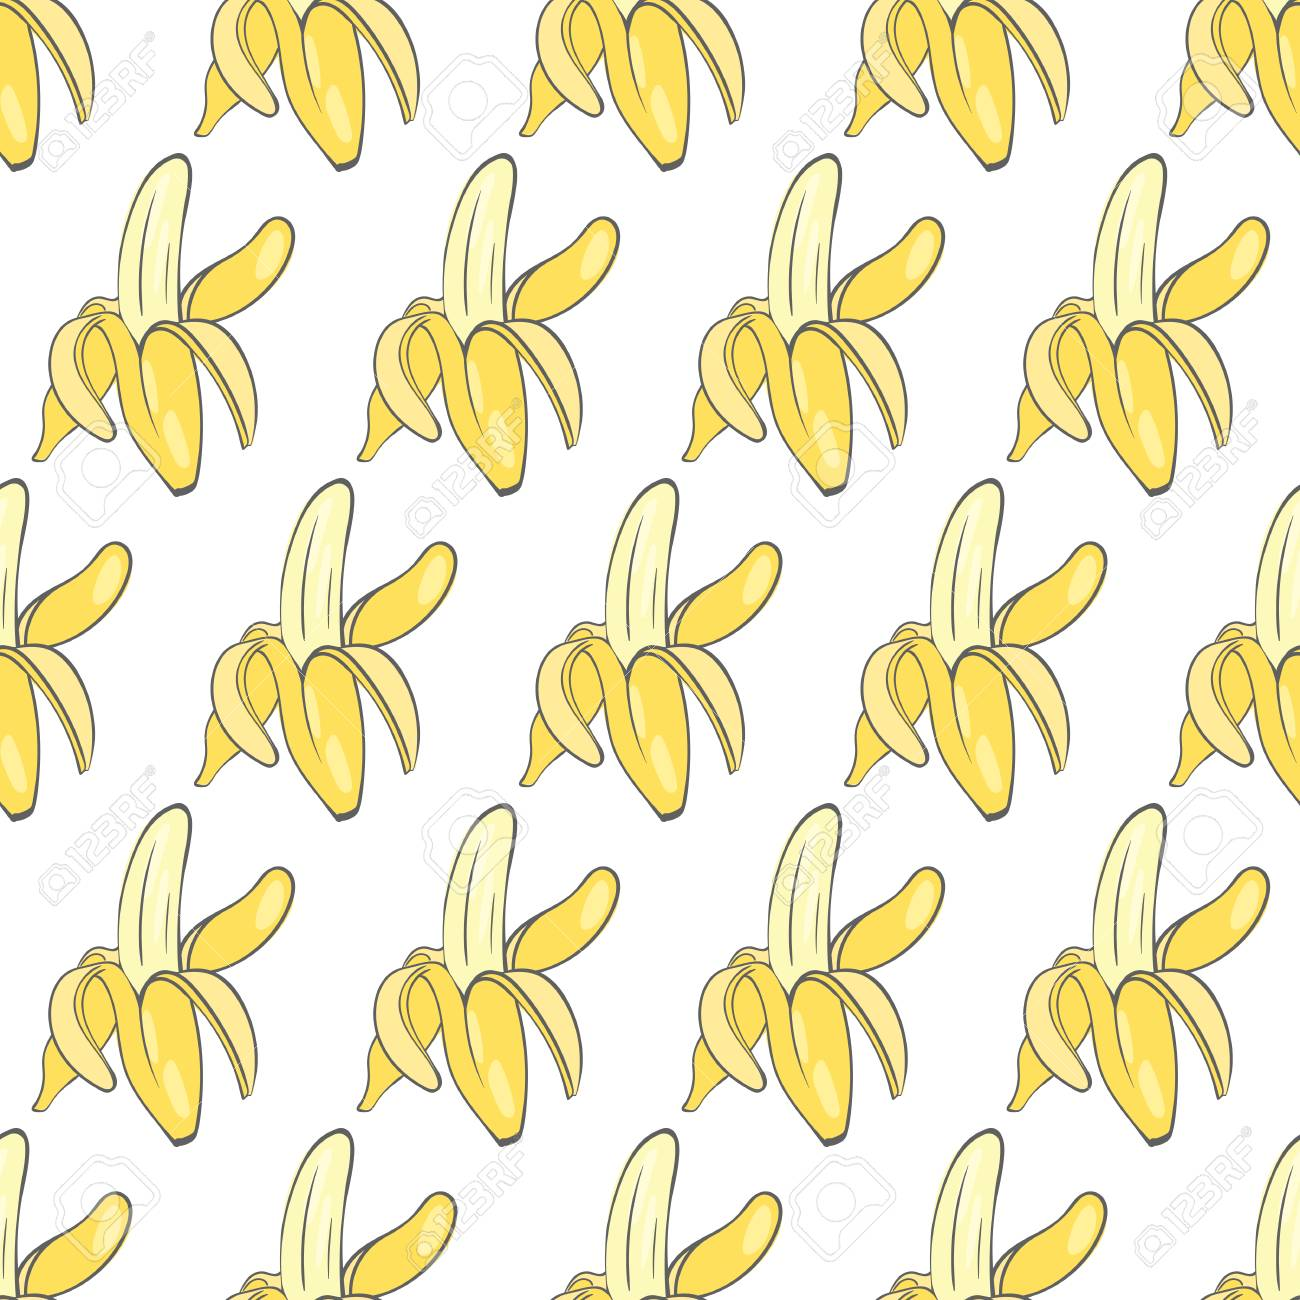 熟したバナナのイメージと印刷のシームレスな壁紙のイラスト素材